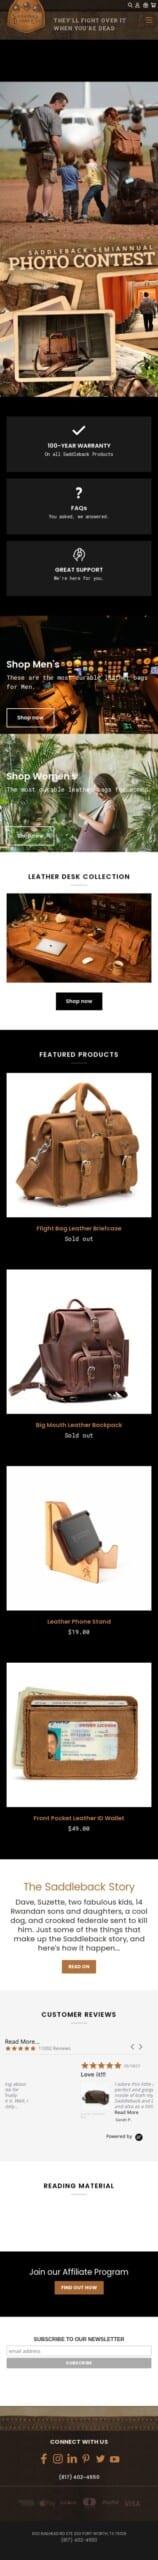 Saddleback Leather Co. Coupon